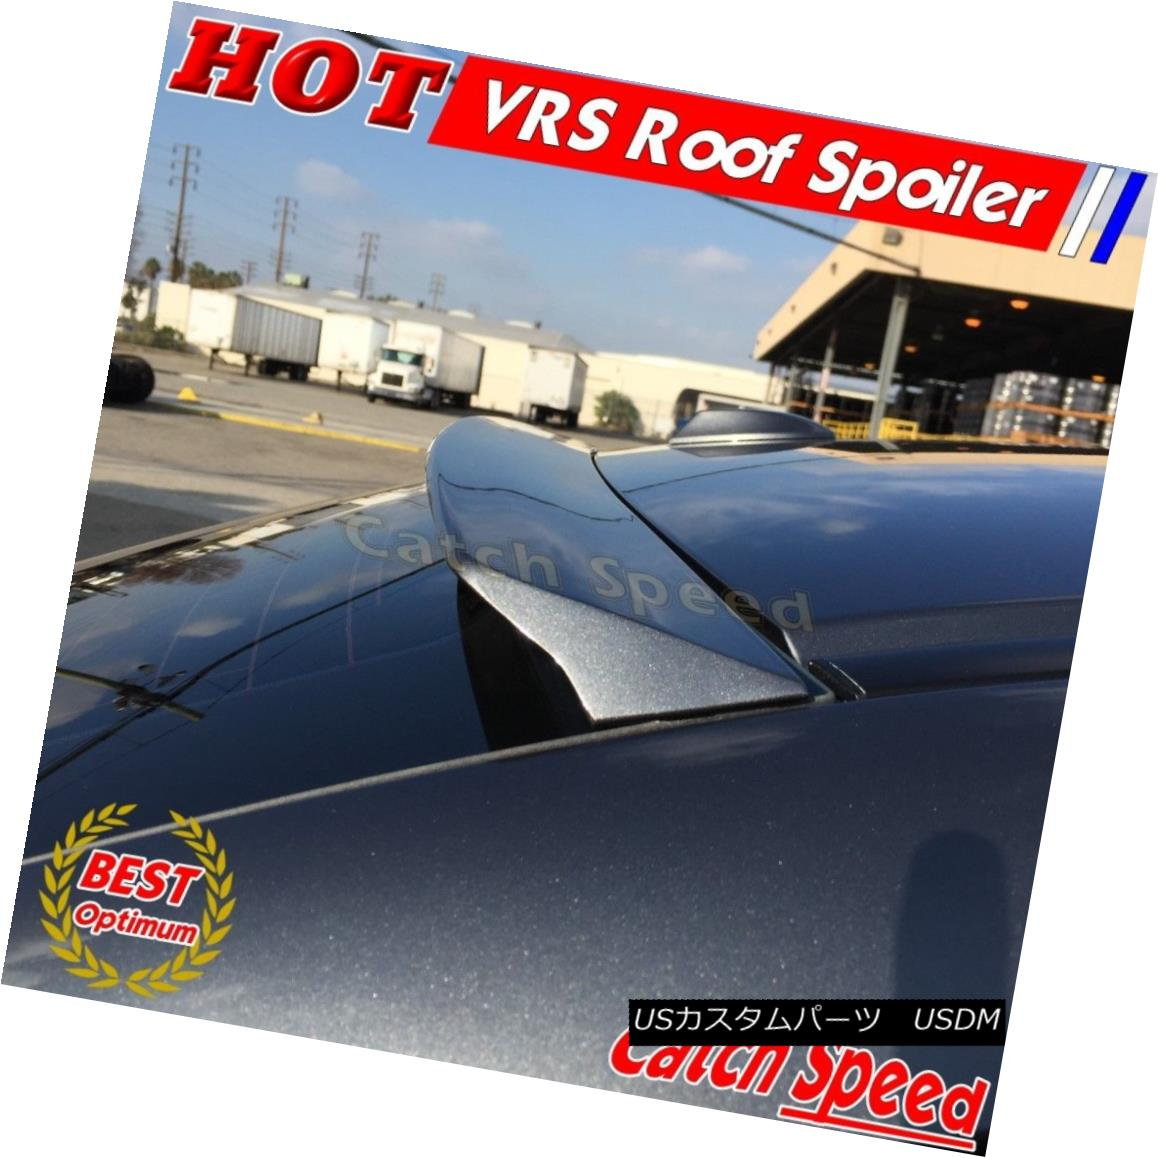 エアロパーツ Painted VRS Style Rear Roof Spoiler For EUR Ford Foucs II MK2 Sedan 2005-2007 EURフォードフォーカスII MK2セダン2005-2007用VRSスタイルのリアルーフスポイラーを塗装